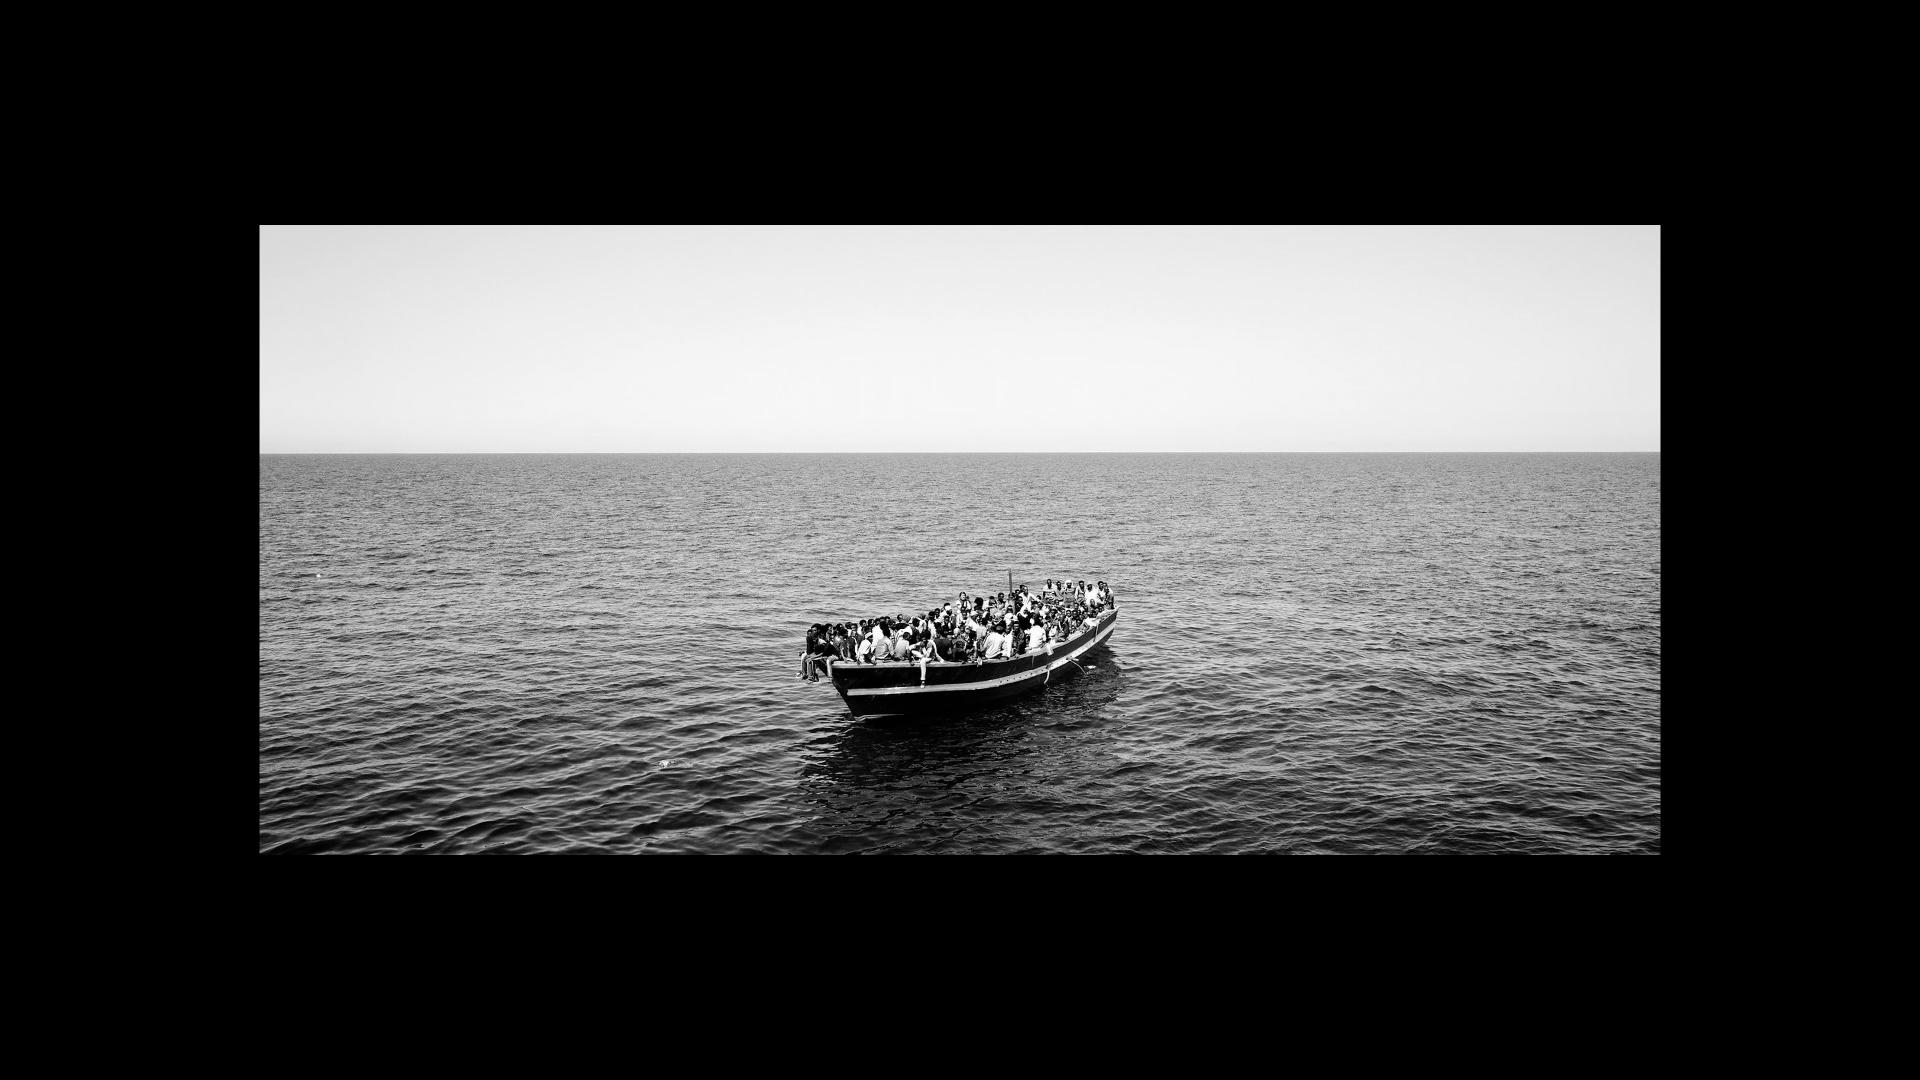 NYTW_ShowOpen_Half_Boat1.jpg